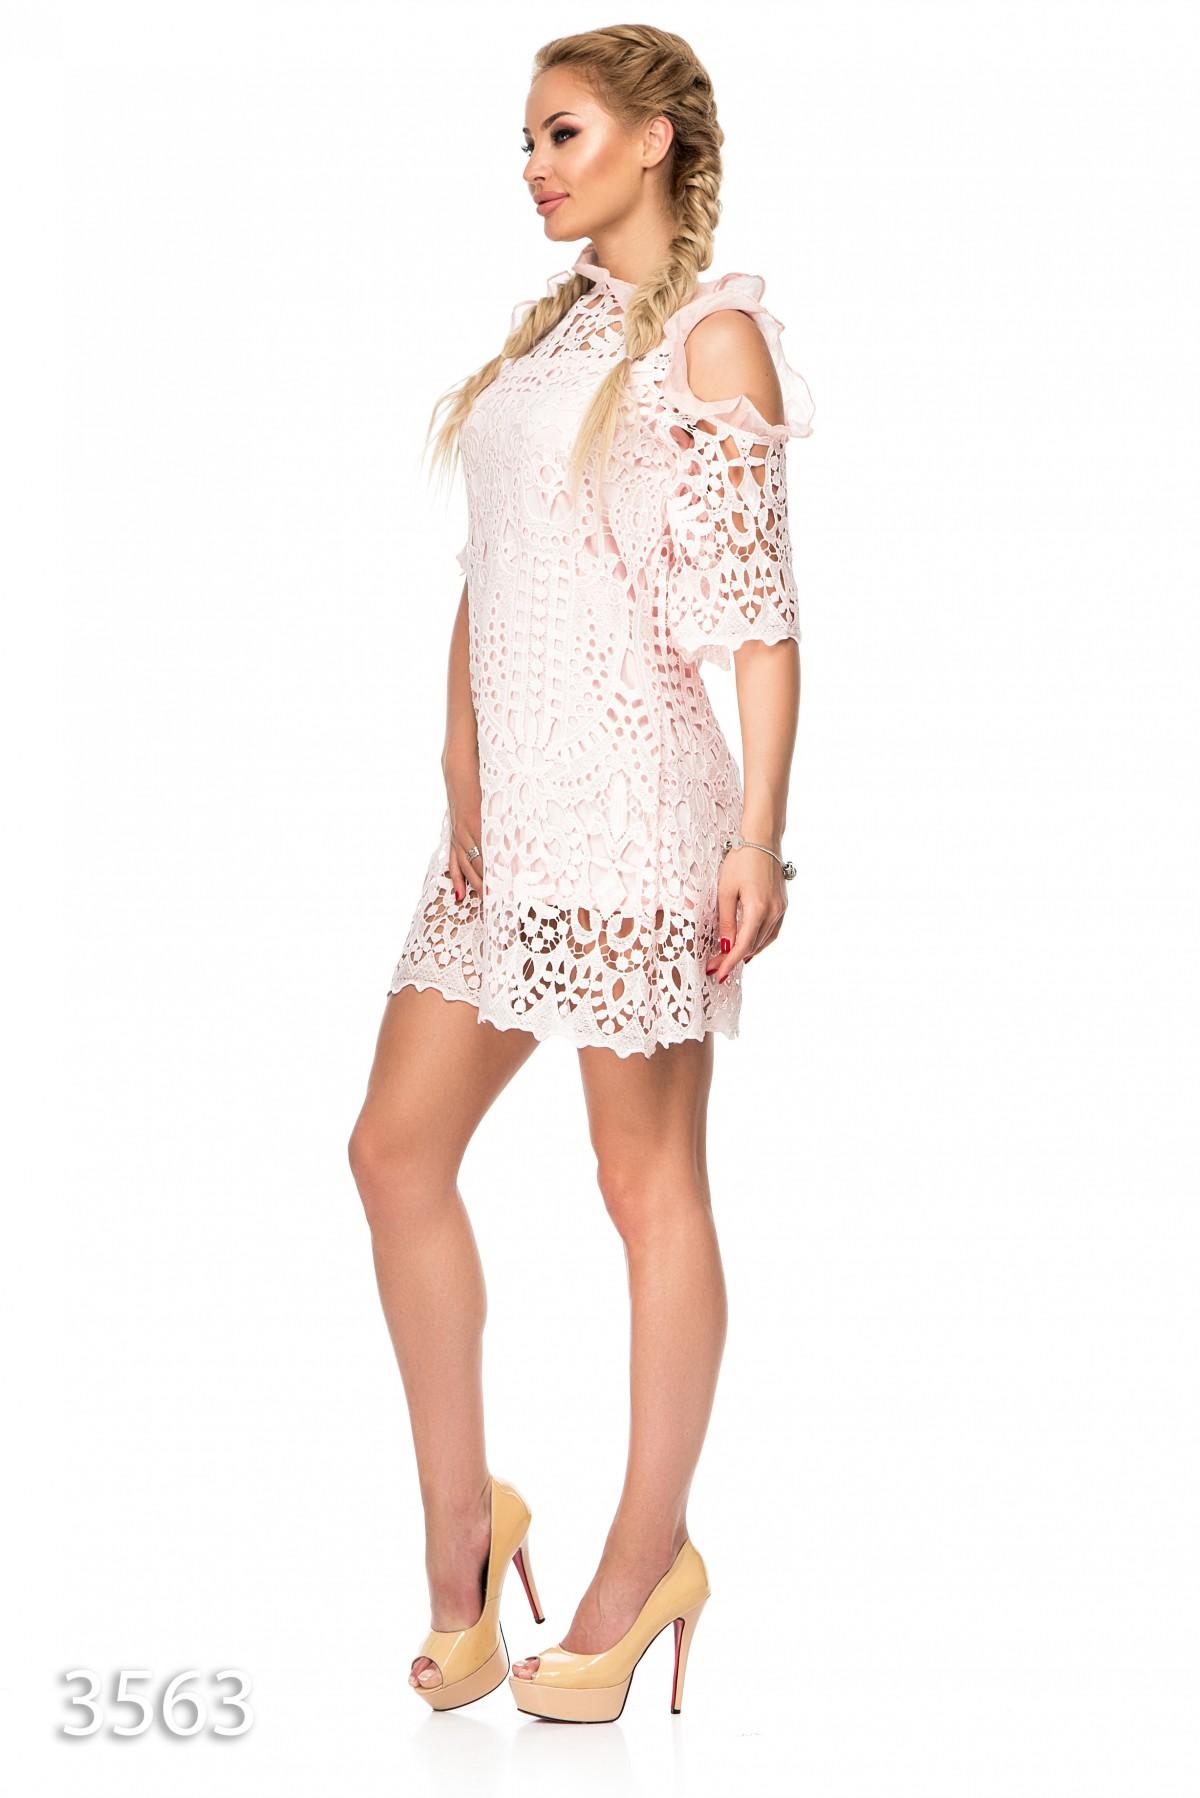 c8f5ec1e34d8 ... Розовое кружевное платье с открытыми плечами и и подкладом в тон  672  грн. фото ...